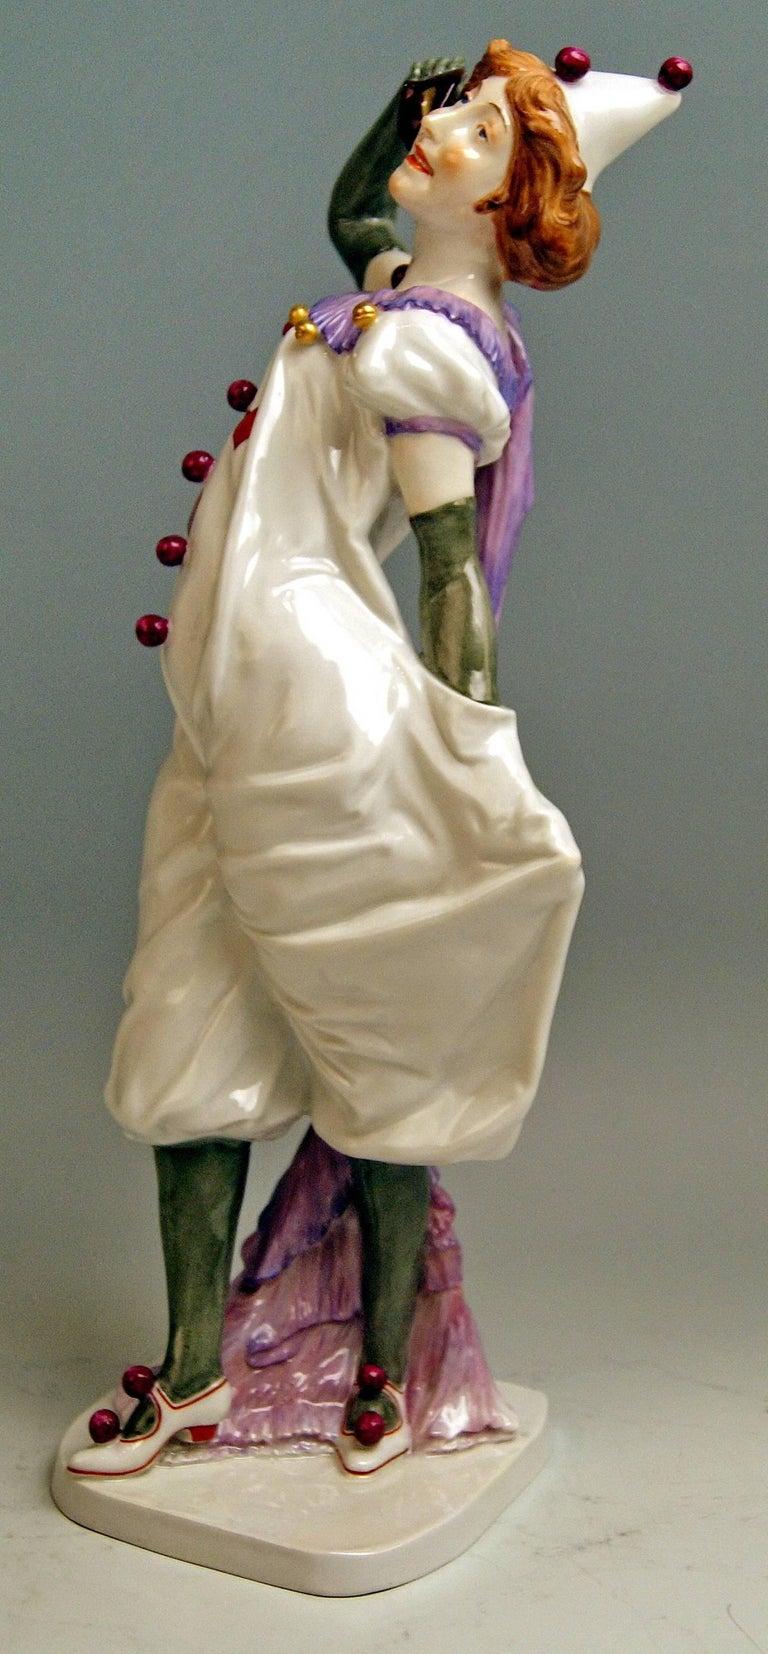 Meissen most remarkable figurine: Pierrette (=Female Pierrot)  Measures / dimensions: height: 13.58 inches / 34.5 cm  width: 4.33 inches / 11.0 cm depth: 4.13 inches / 10.5 cm  Manufactory: Meissen Hallmarked: Blue Meissen sword mark (glazed